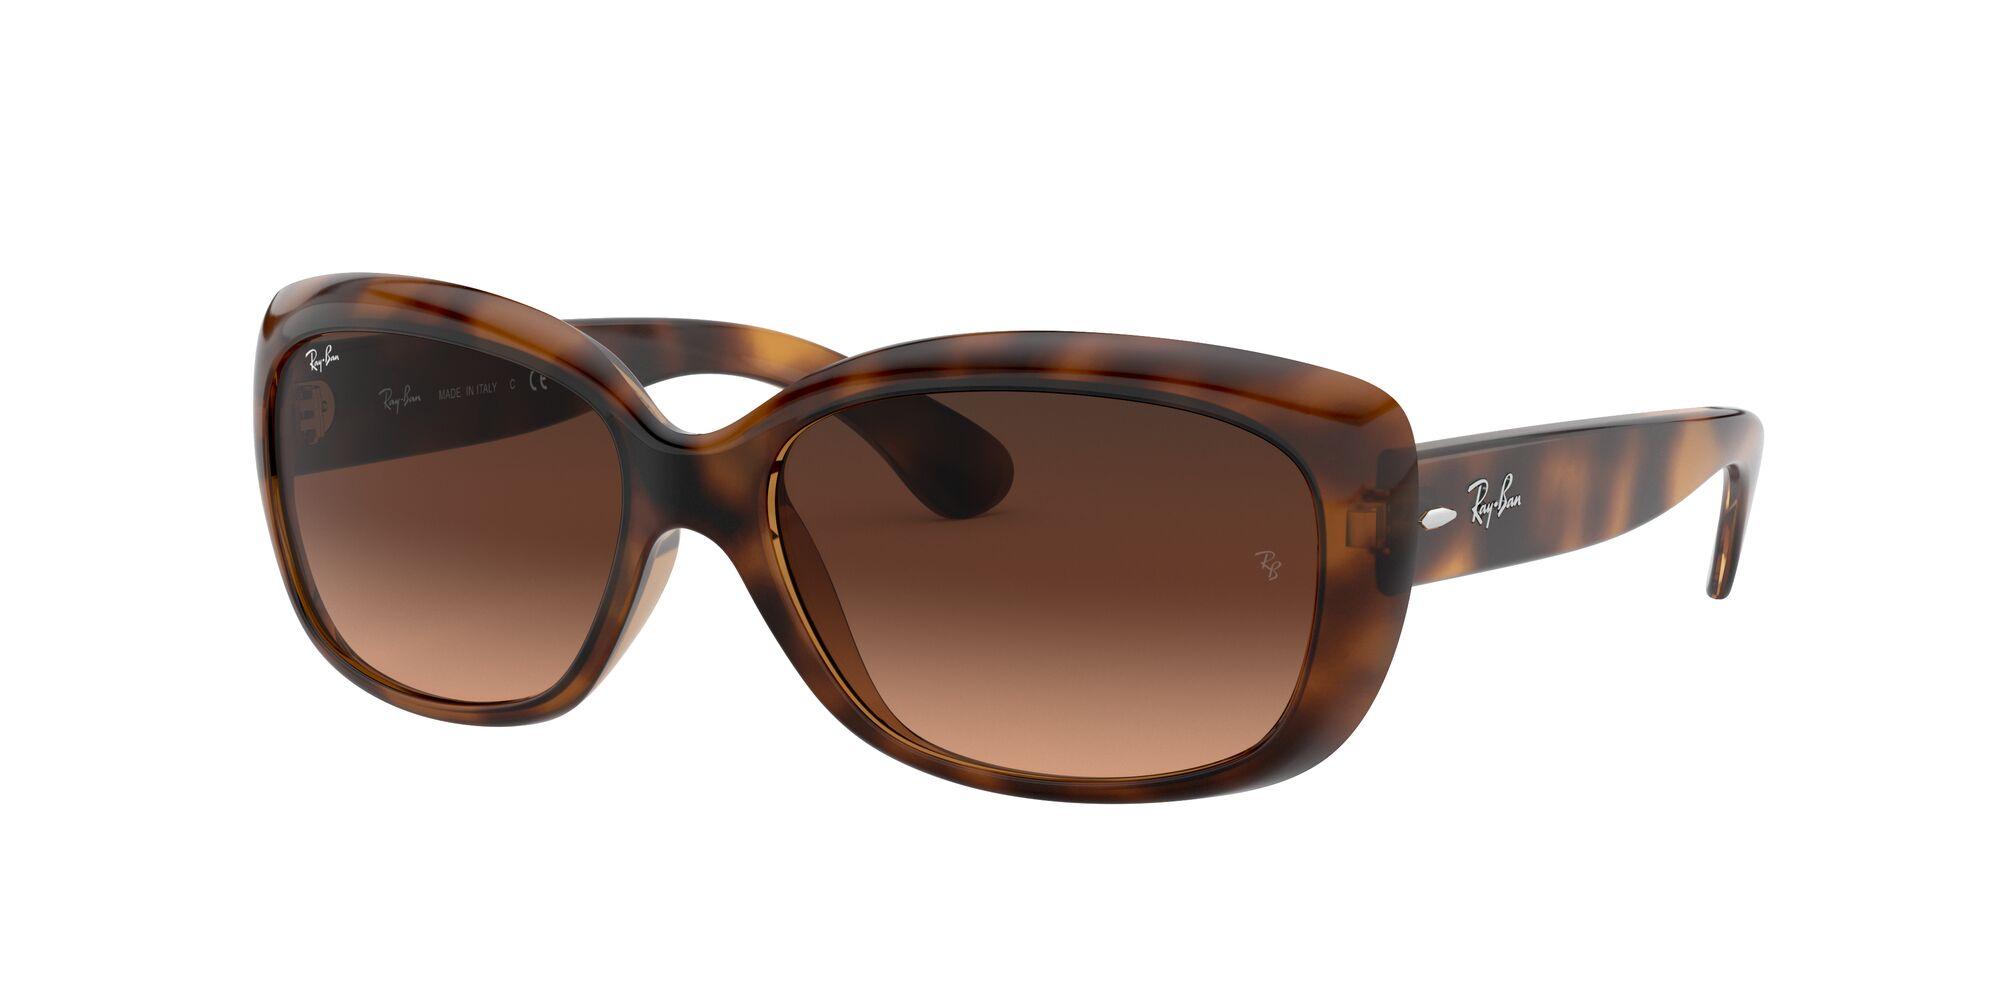 Ray Ban Jackie Ohh Rb 20 Damenbrillen Sonnenbrillen Online Verkauf